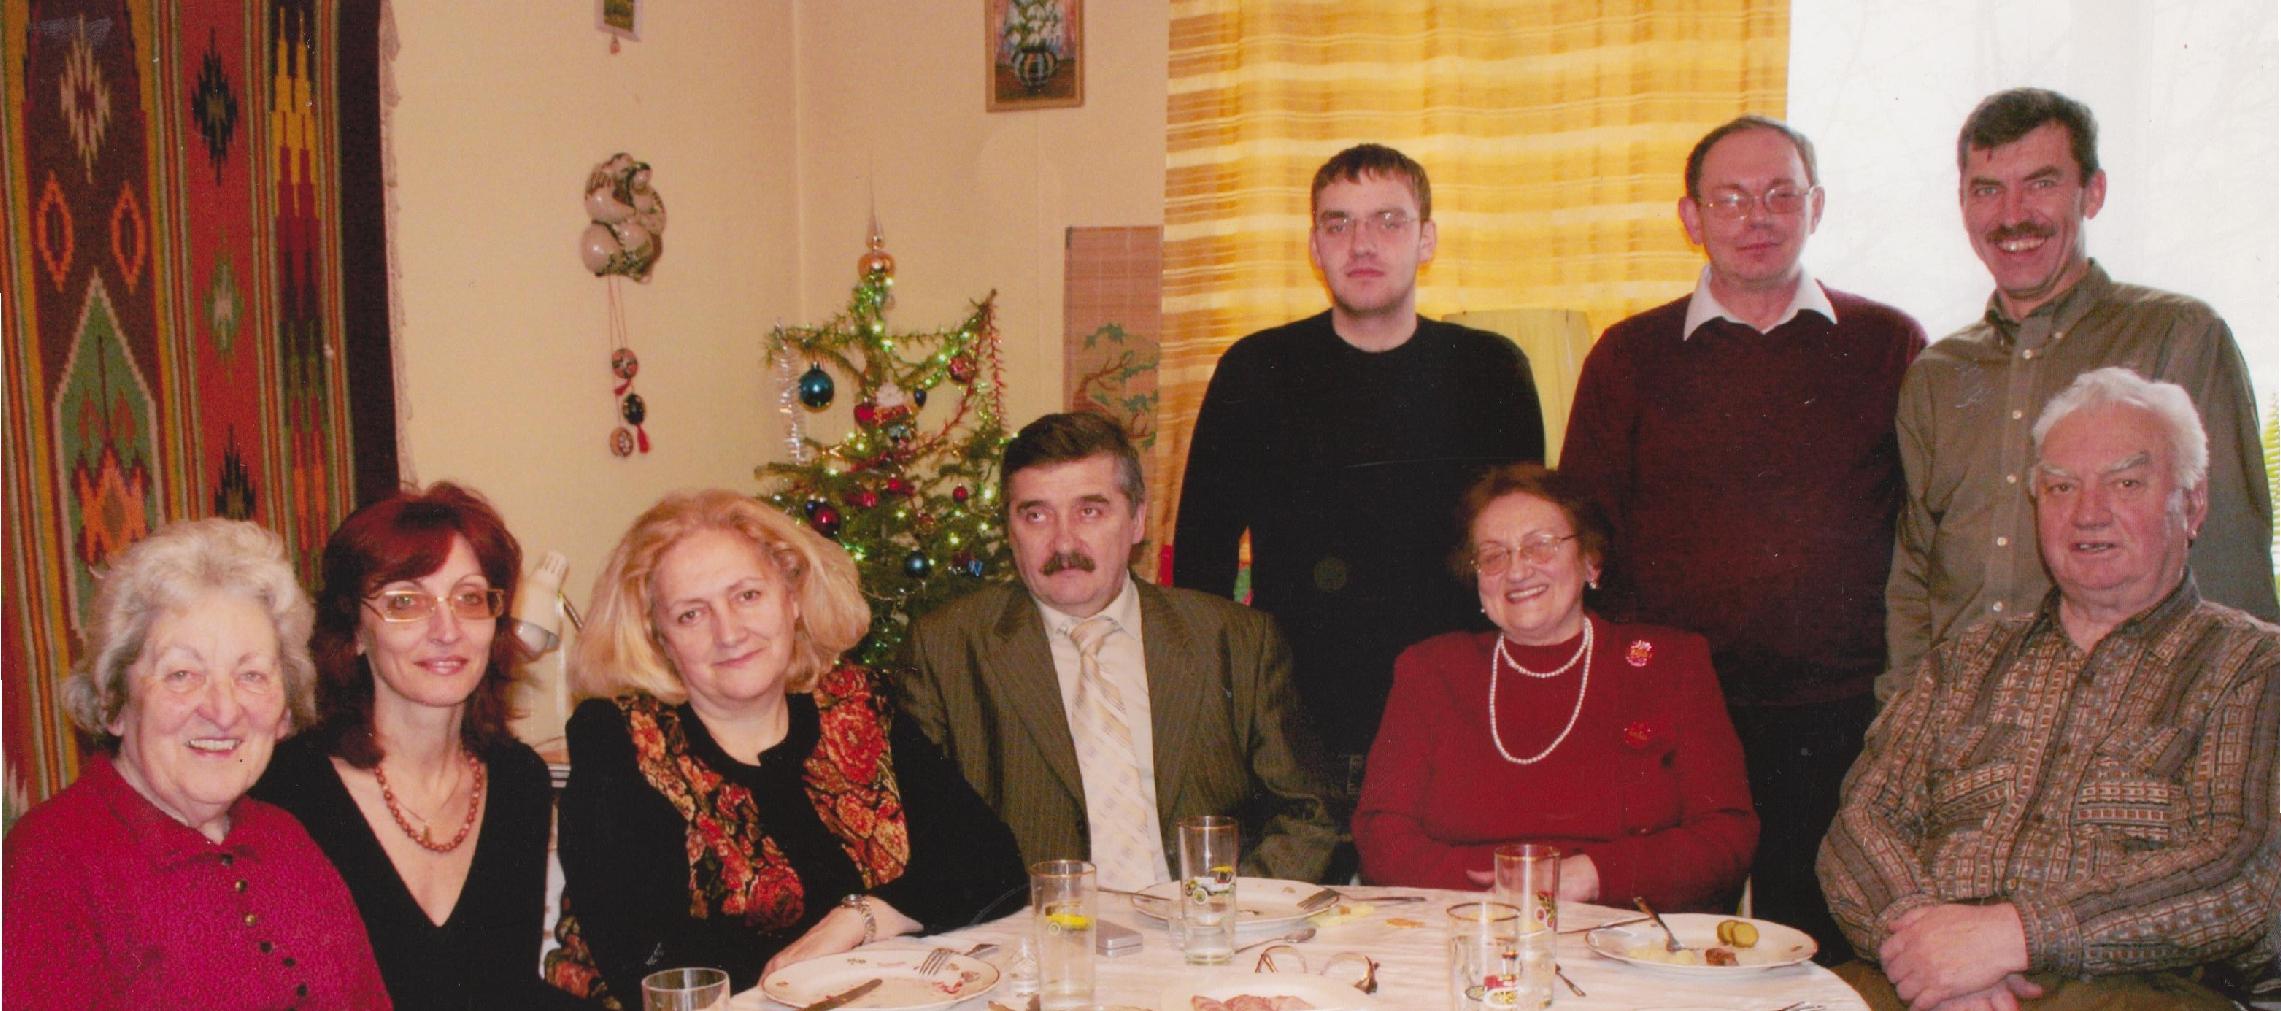 Степан Горечий із сім'єю, м. Львів, 2000-ні рр.